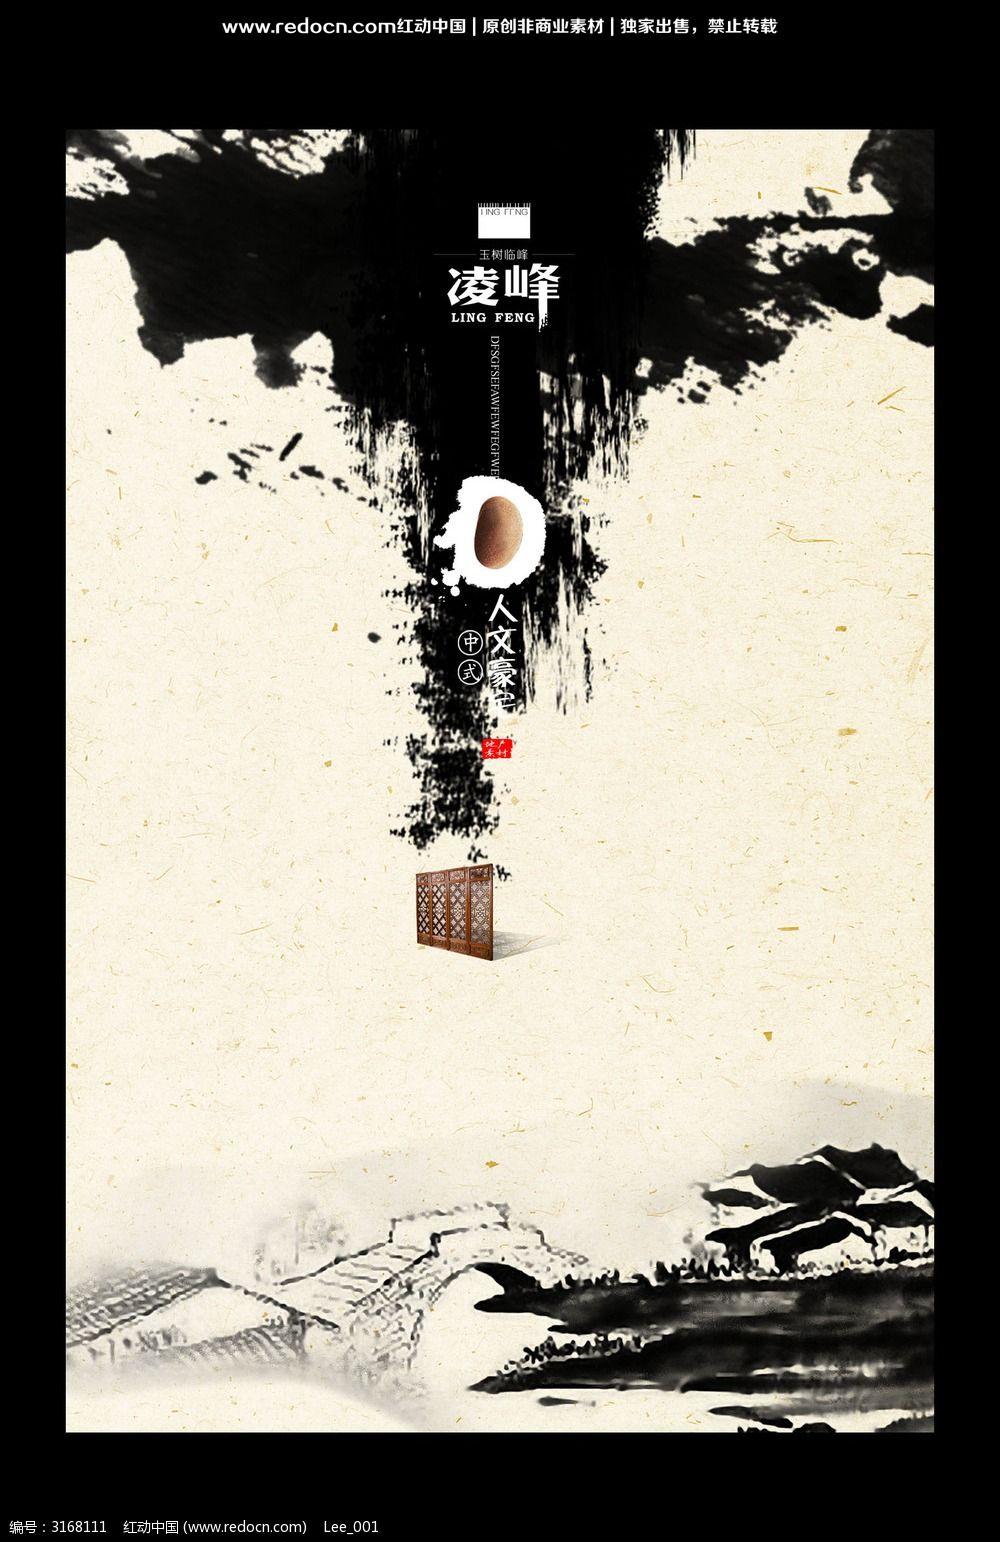 水墨风中式地产海报图片